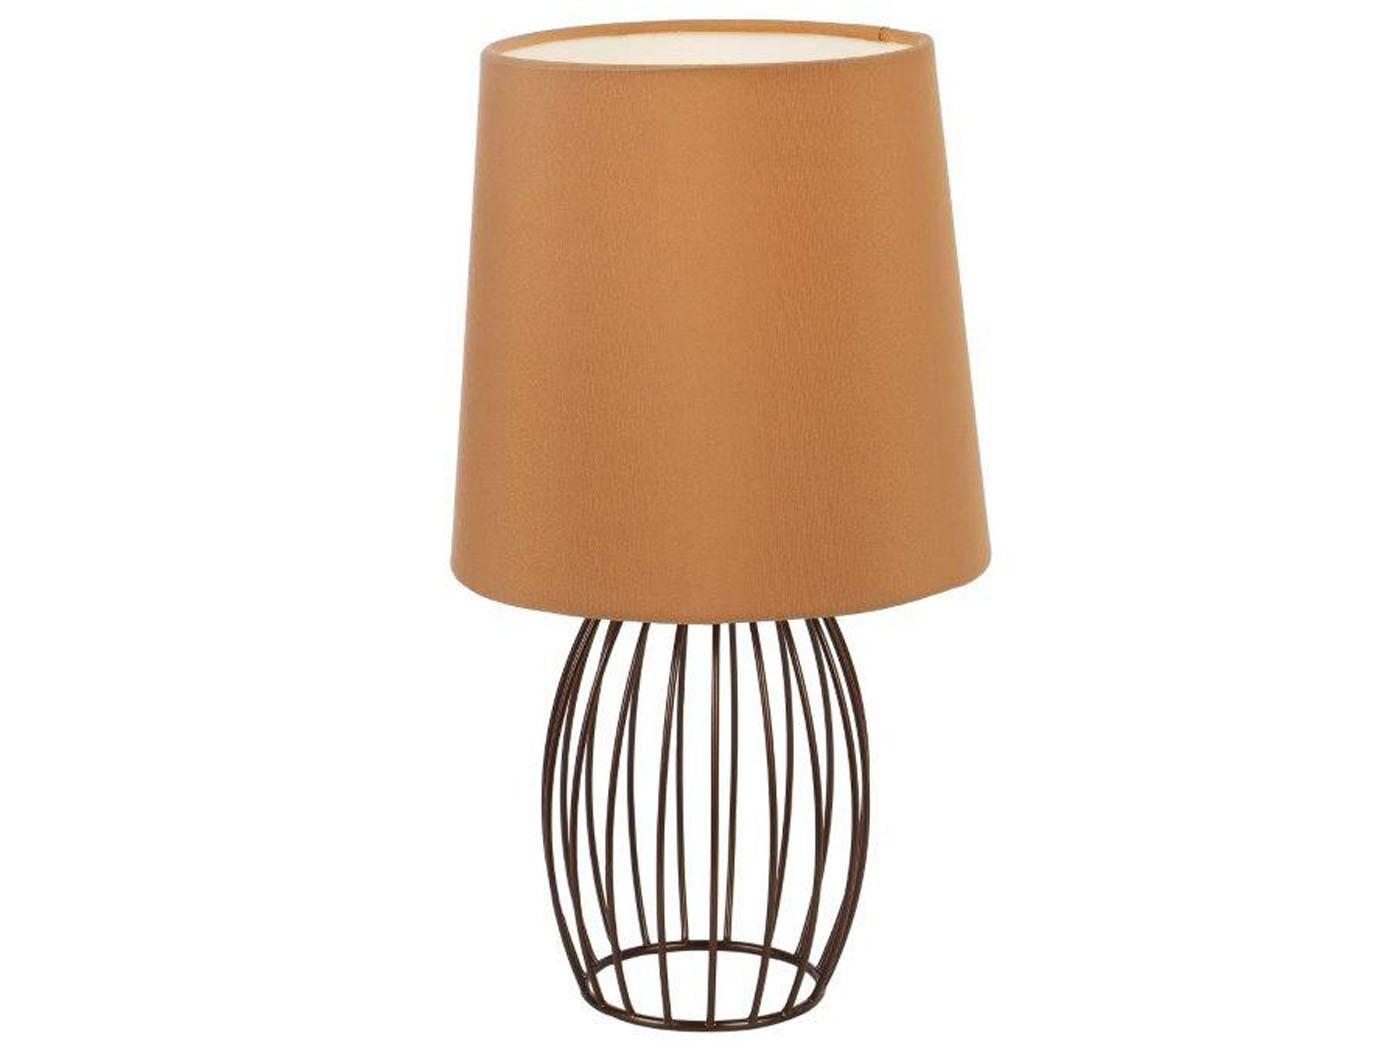 Full Size of Wohnzimmer Tischlampe Modern Holz Dimmbar Amazon Lampe Ebay Led Beleuchtung Gardinen Tapete Deko Deckenleuchte Deckenlampe Deckenleuchten Liege Sessel Wohnzimmer Wohnzimmer Tischlampe